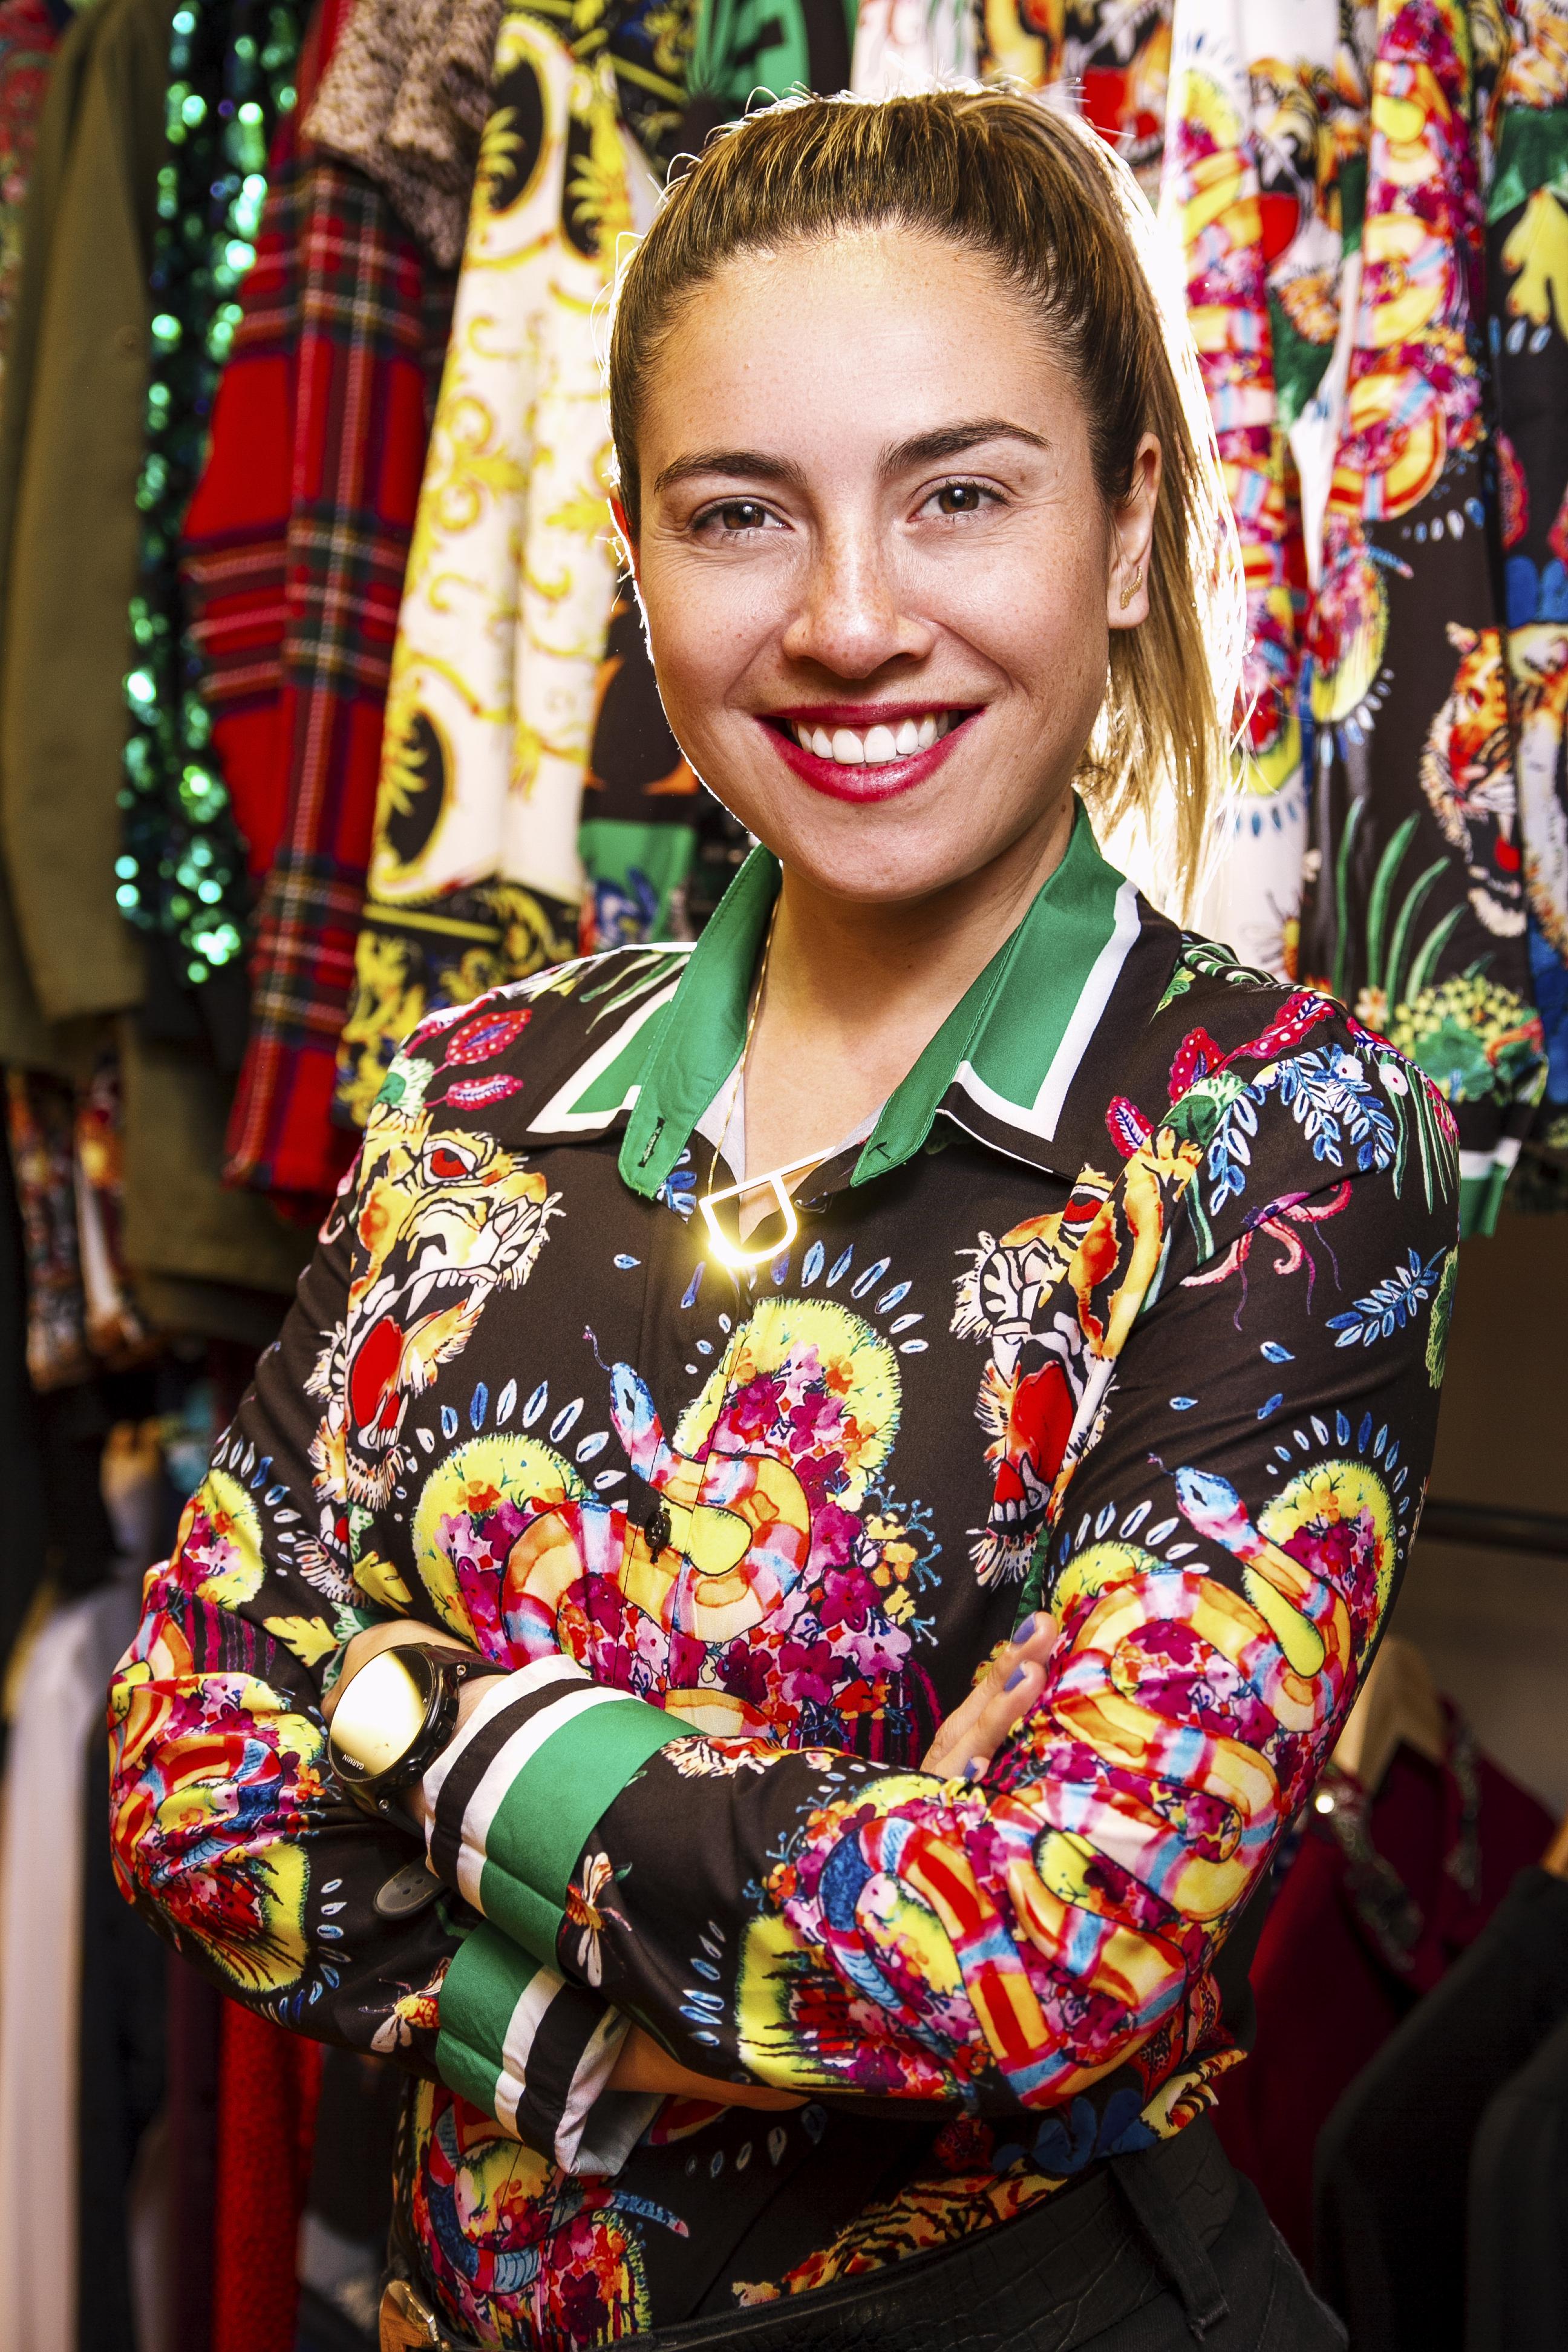 #VisteLaCalleStore: conociendo a la marca Aurelia